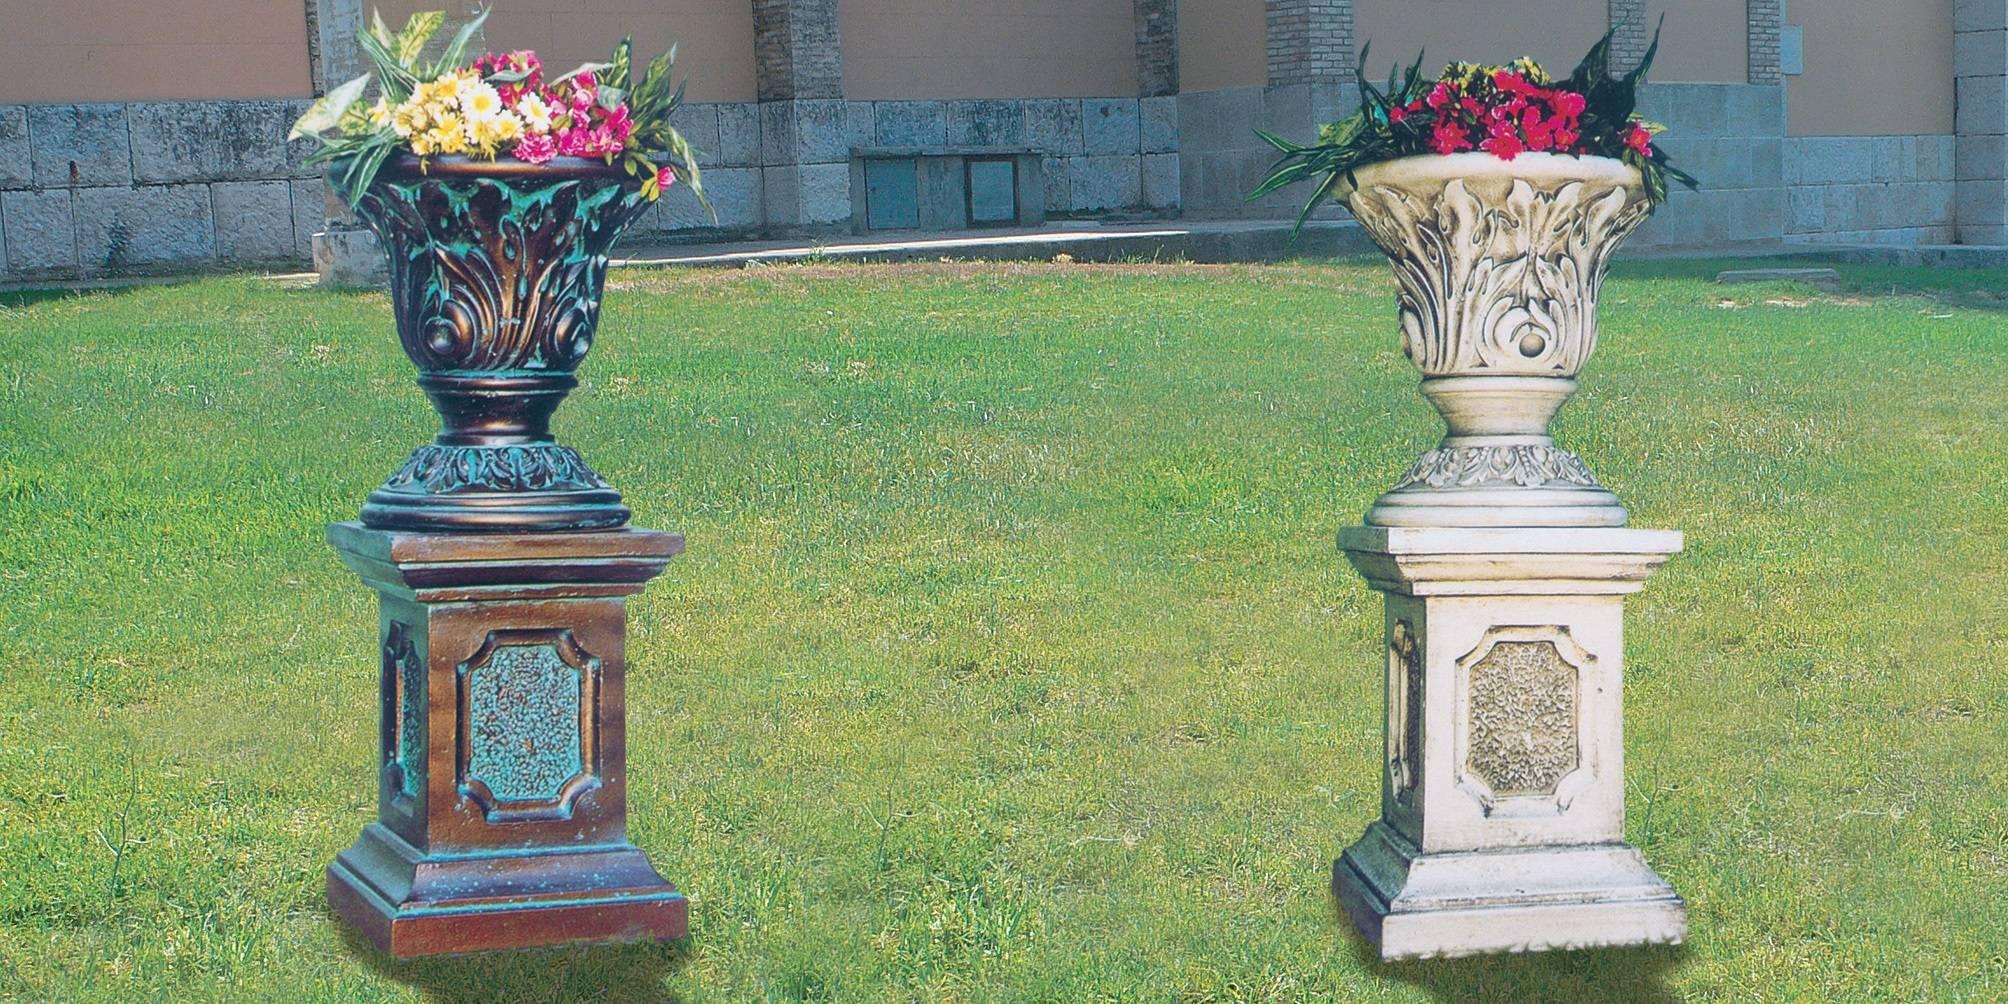 Elementos decorativos para jard n fabricantes productos for Articulos decorativos para jardin